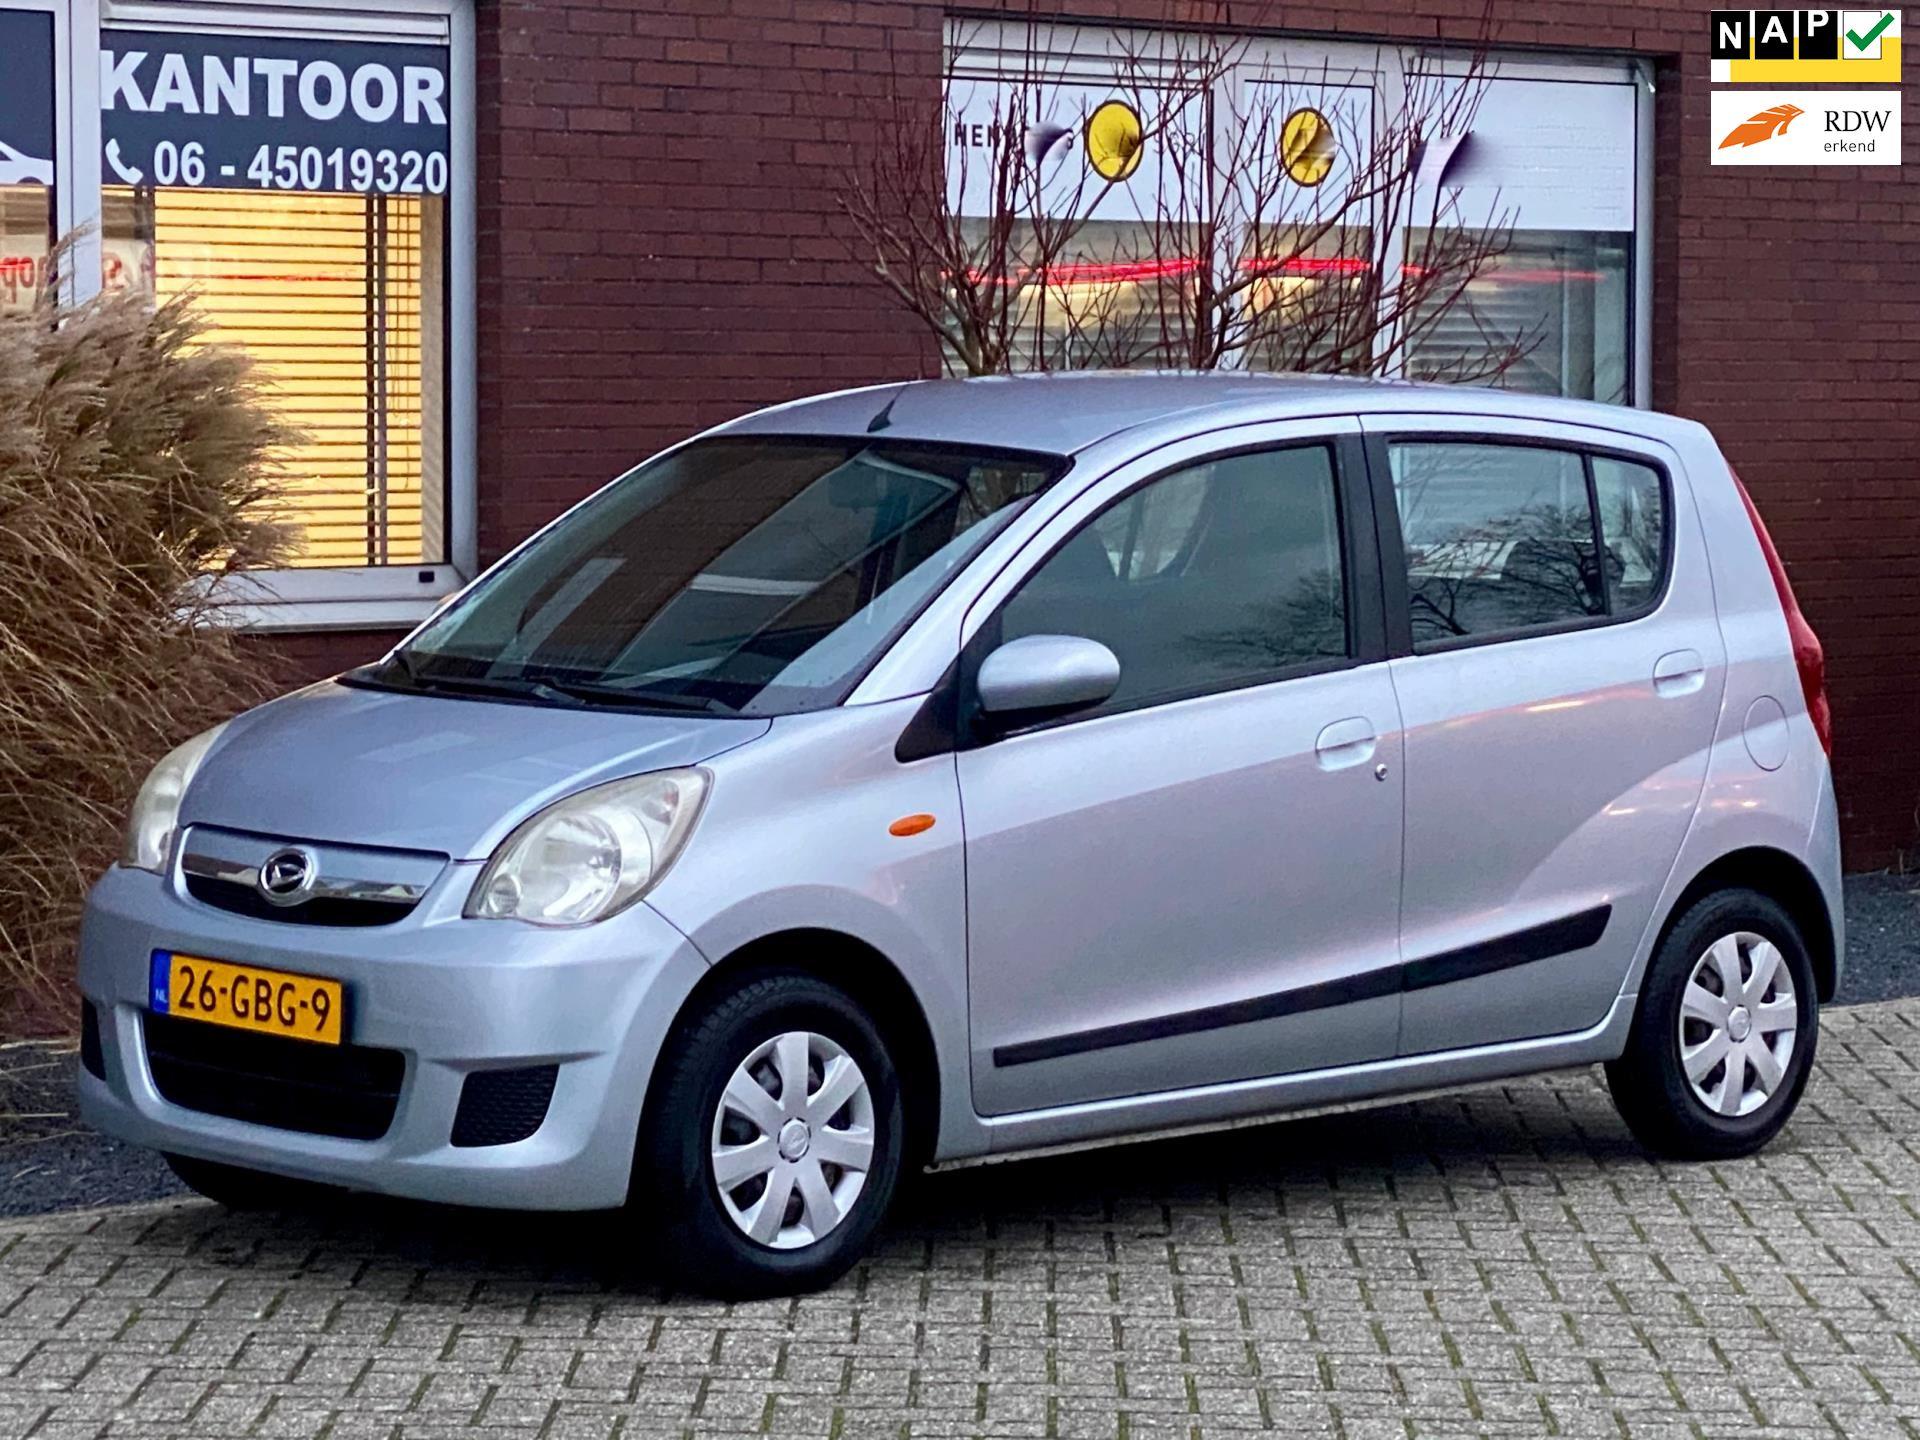 Daihatsu Cuore occasion - Van Loon Automotive